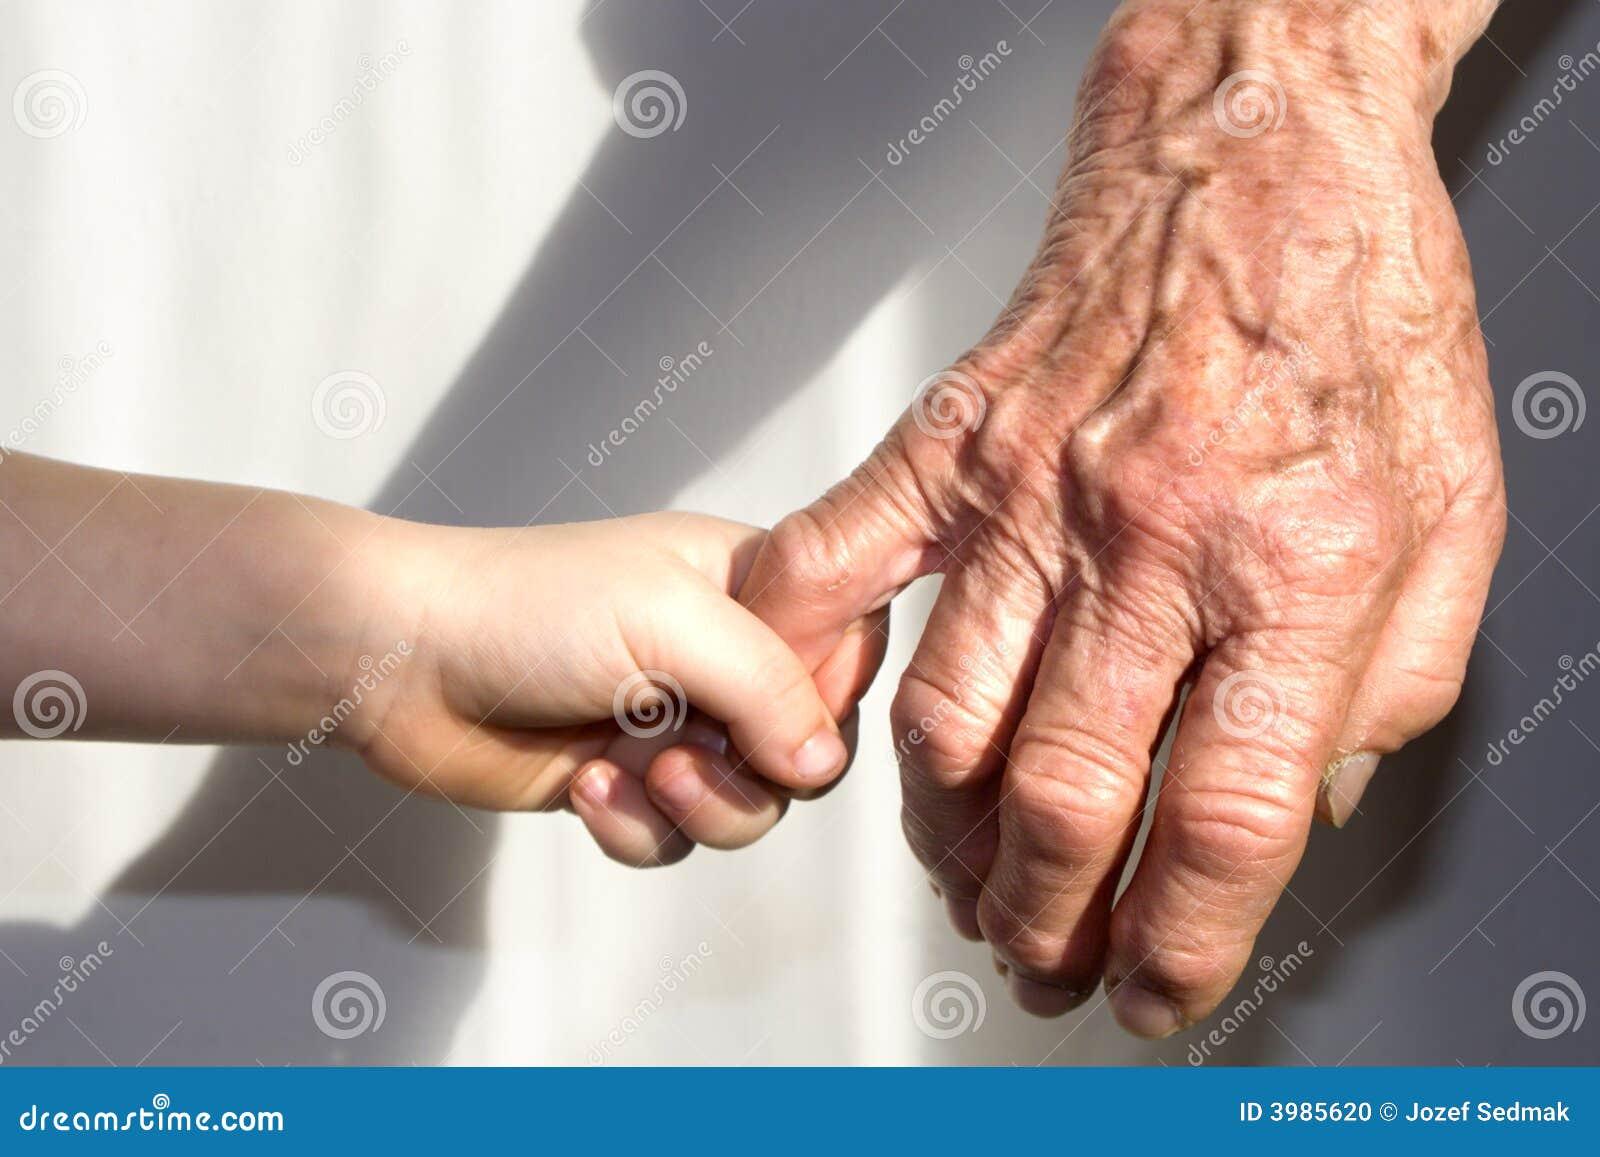 Nipote con nonna e amica noita - 1 part 4